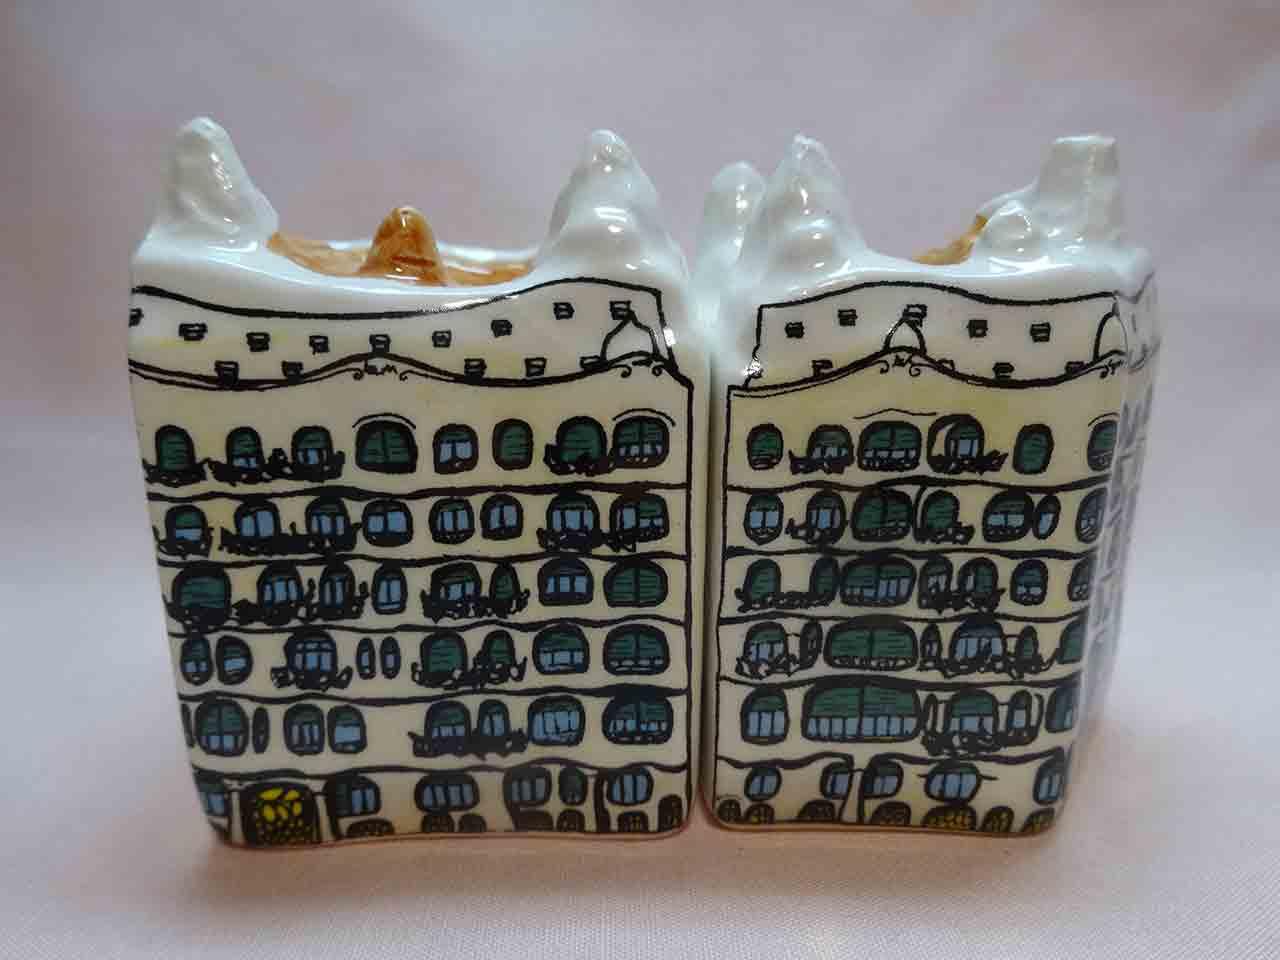 Casa Milà by Gaudi salt and pepper shakers